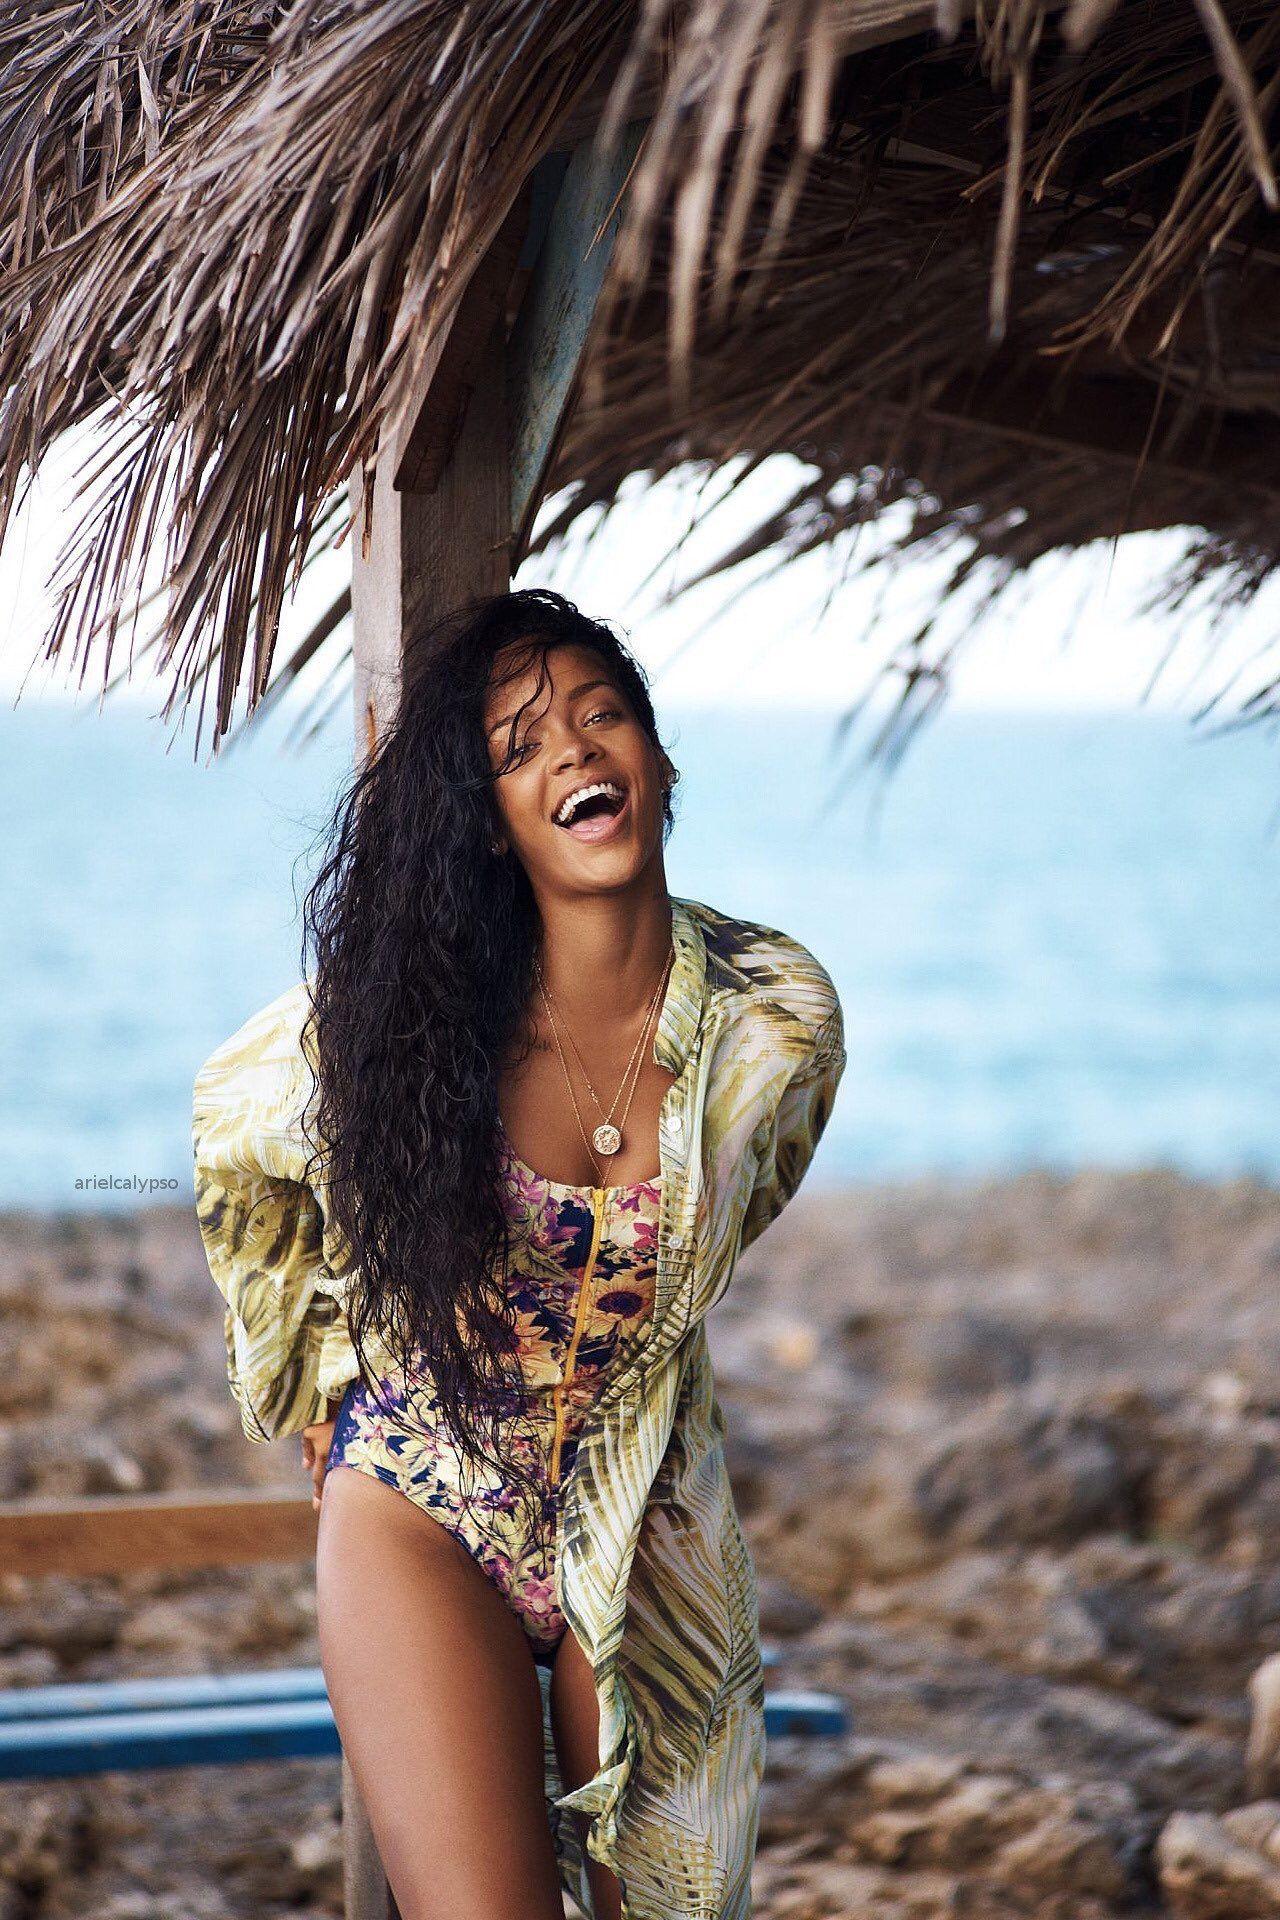 Rihanna pis images 32